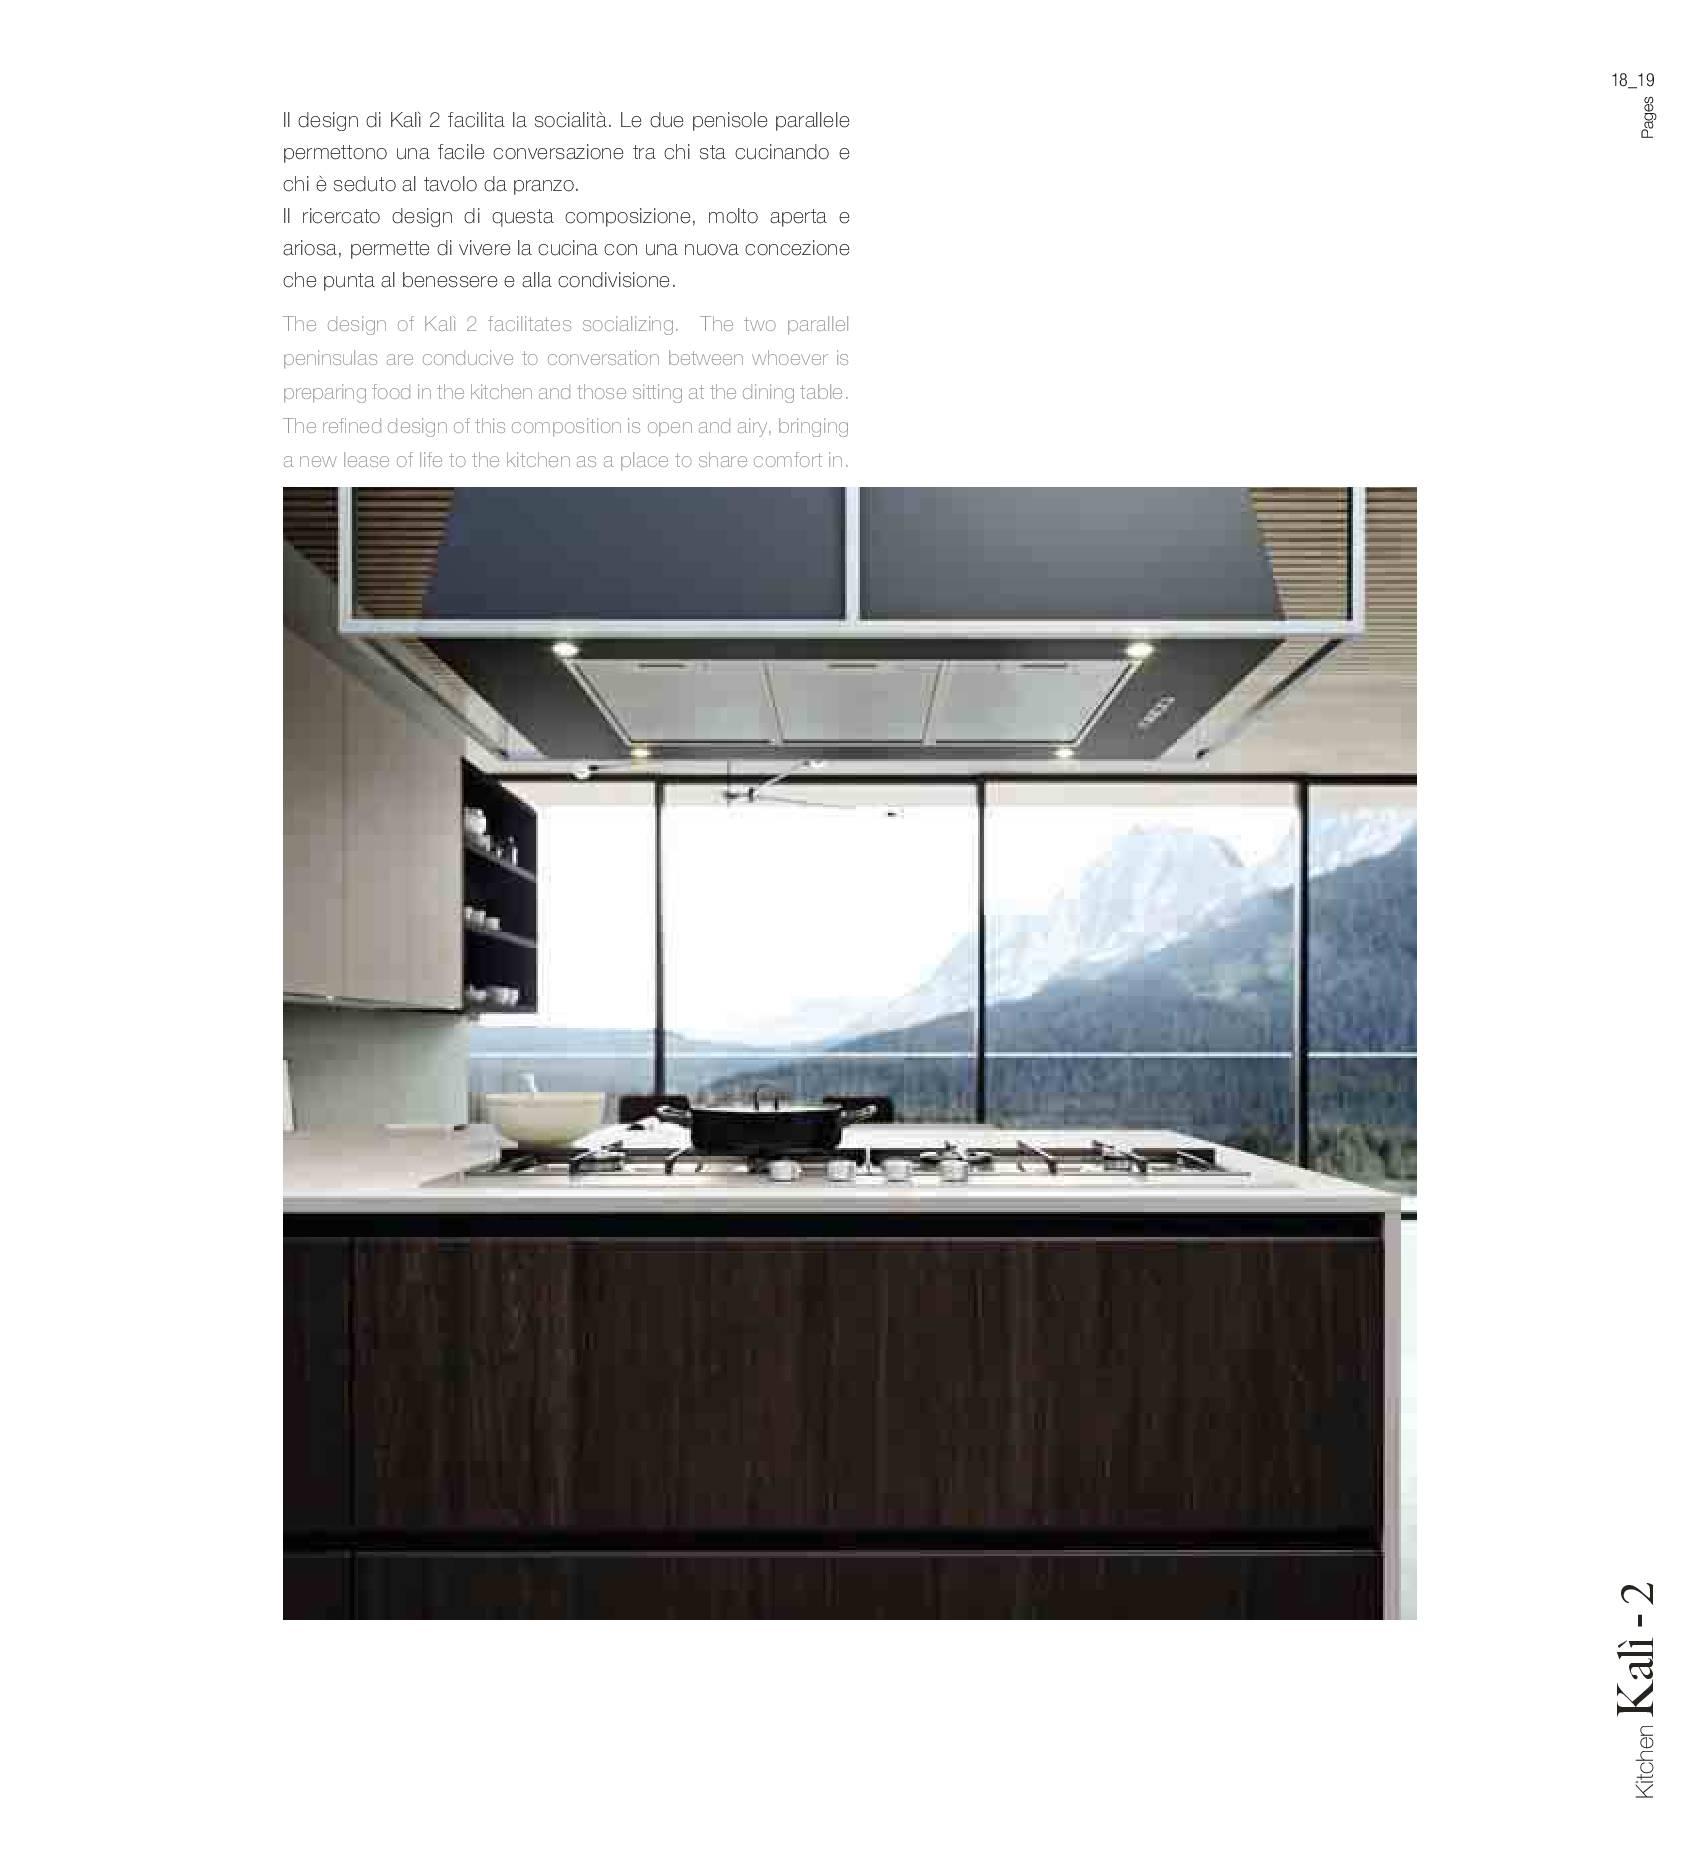 Cucina Kali Arredo3 - catalogo sfogliabile interattivo